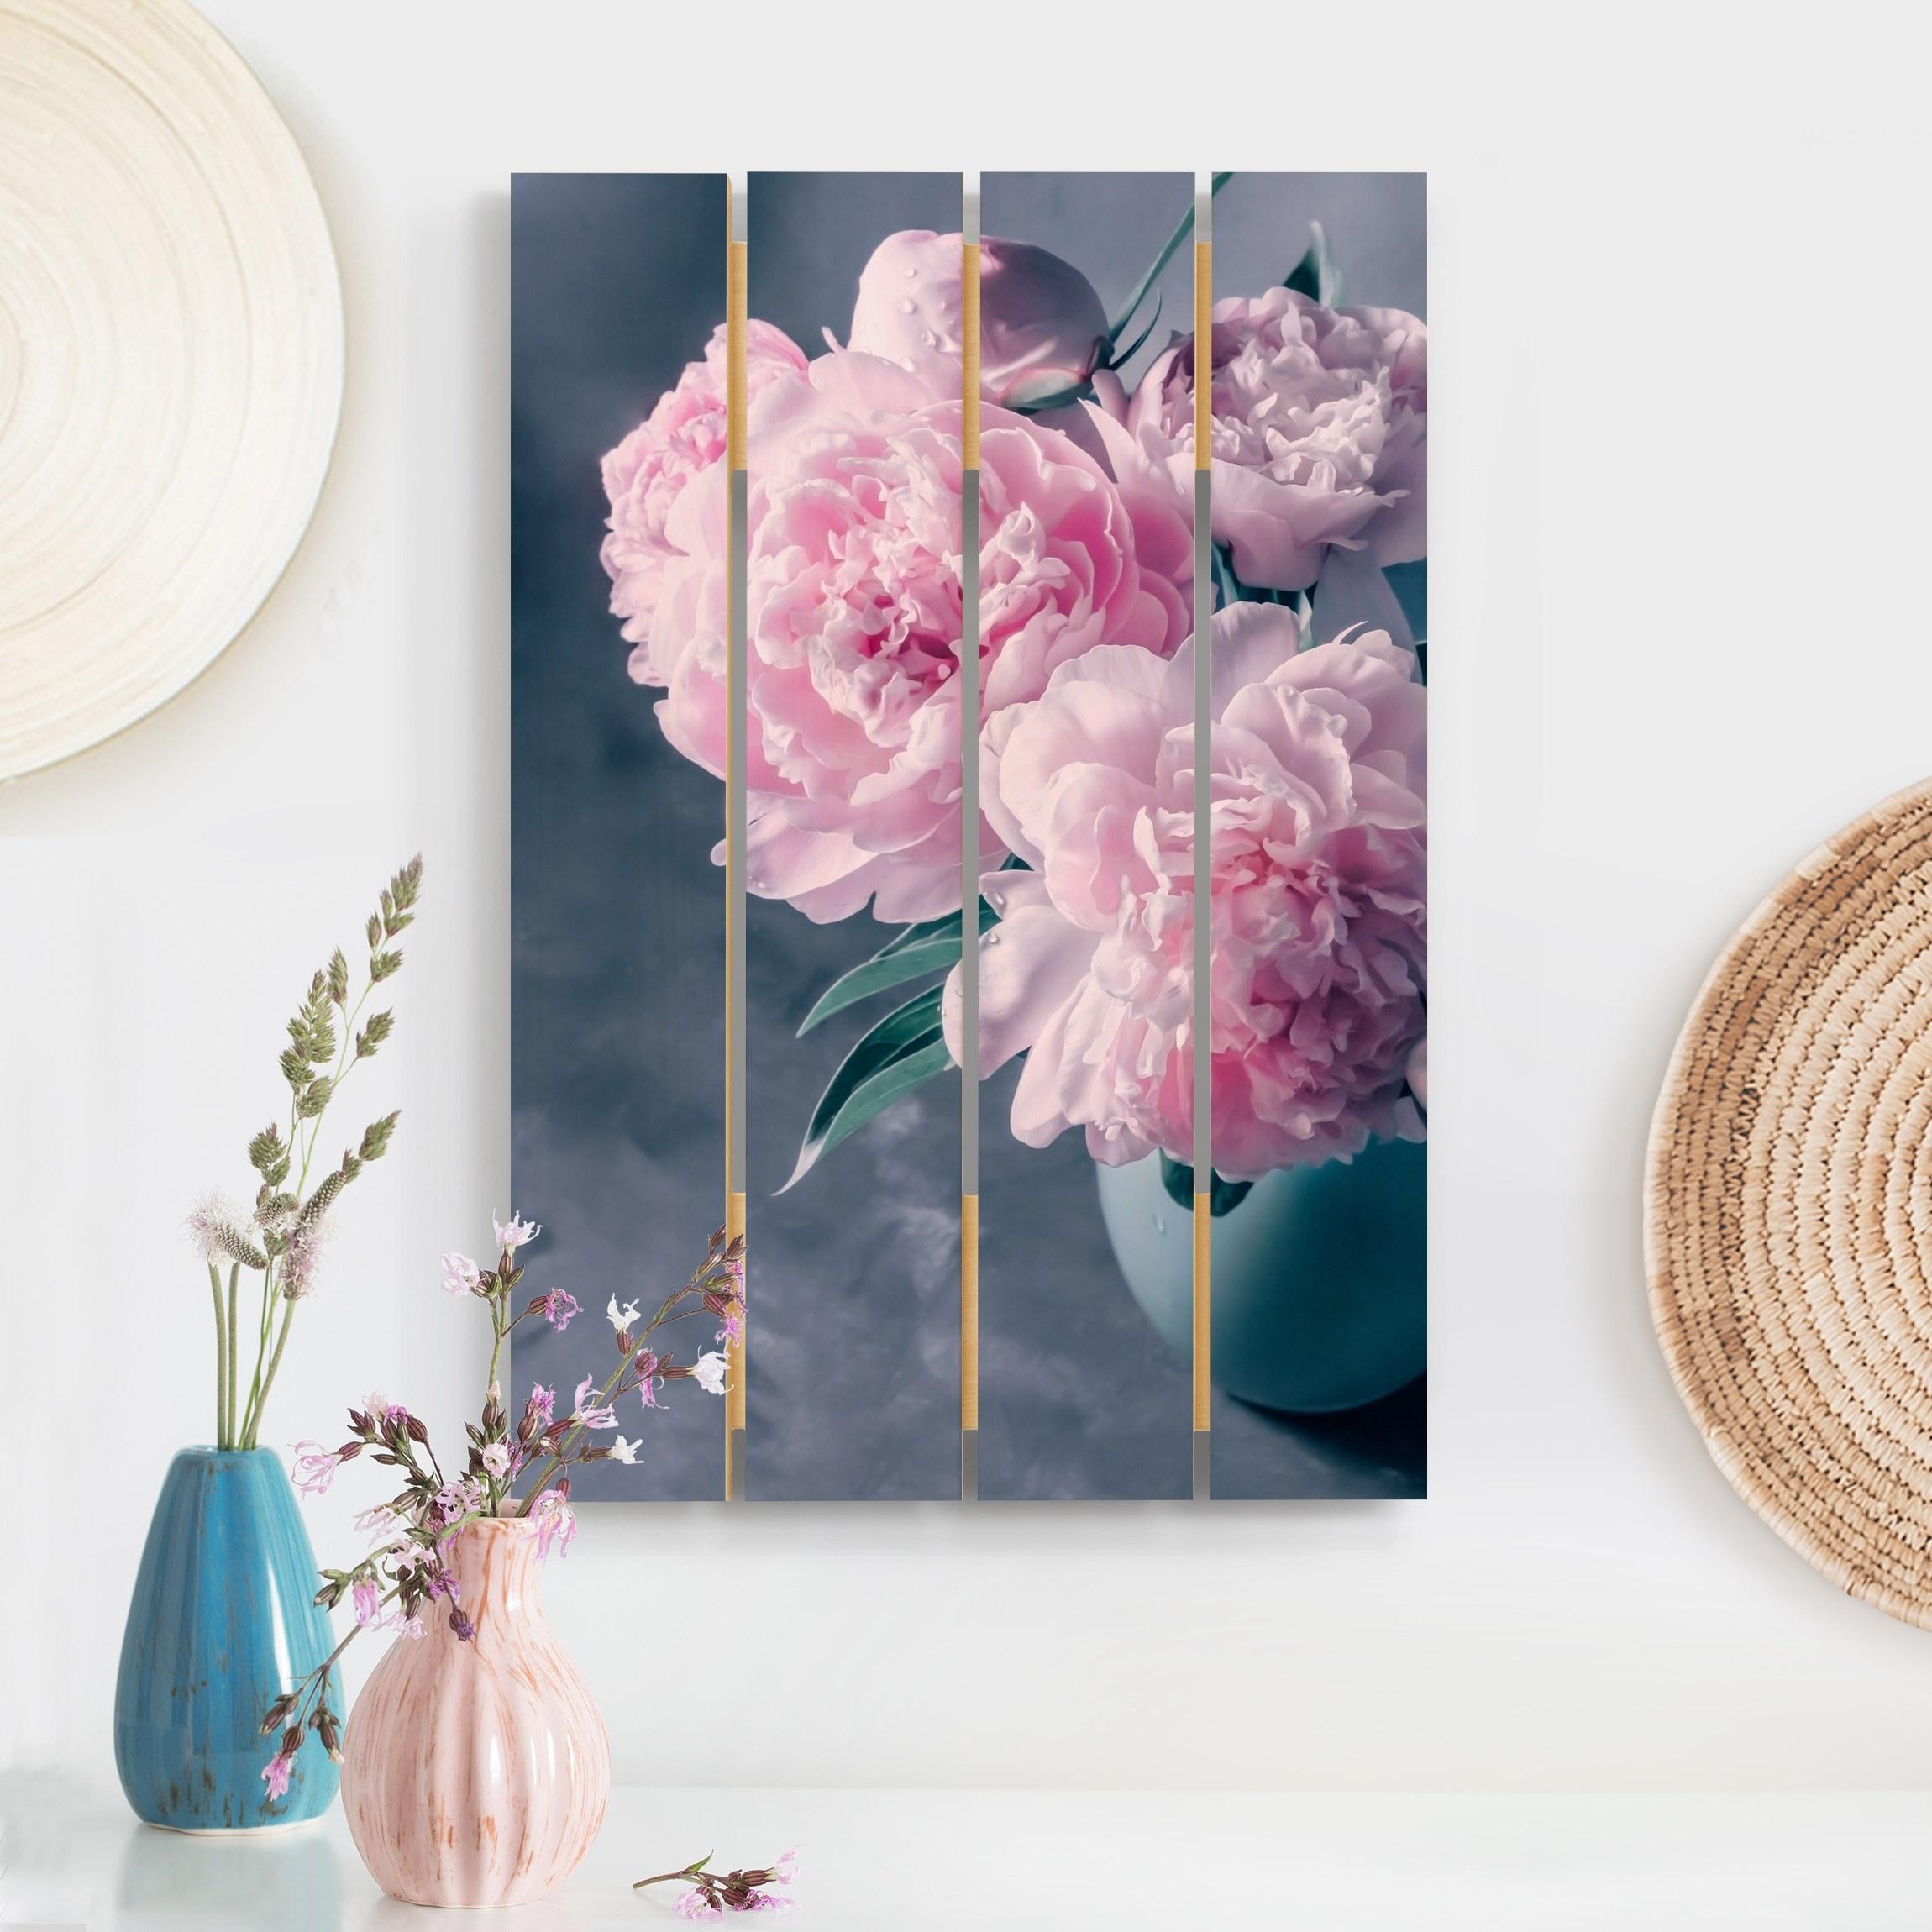 Holzbild Plankenoptik Blumen - Hochformat Vase mit Rosa Pfingstrosen Shabby günstig online kaufen